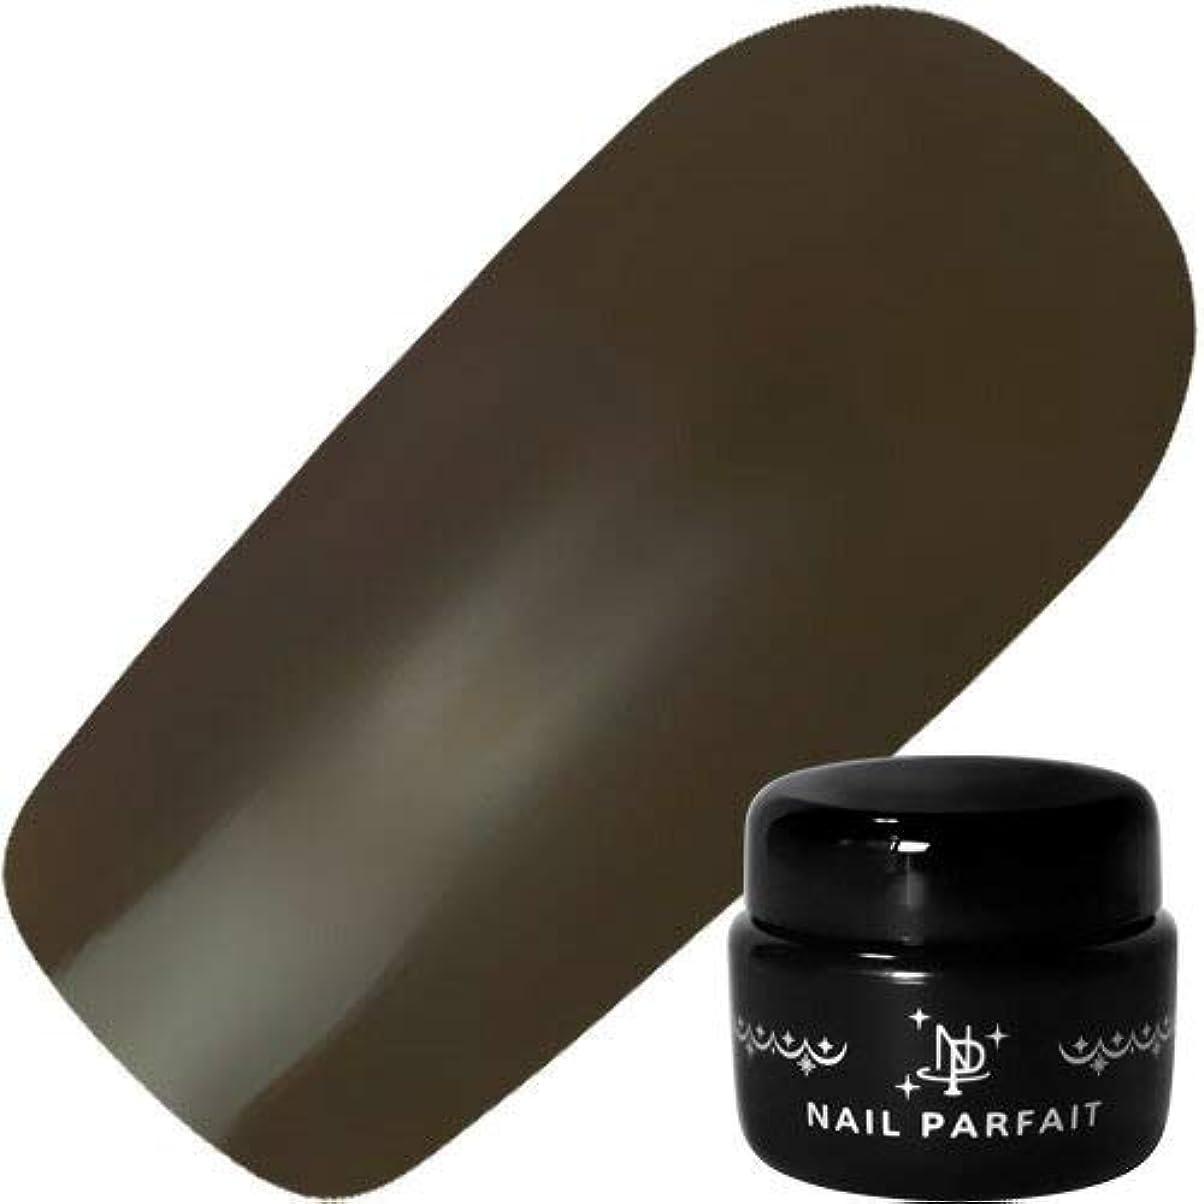 可塑性はっきりと吐き出すNAIL PARFAIT ネイルパフェ カラージェル T02 トールブラウン 2g 【ジェル/カラージェル?ネイル用品】